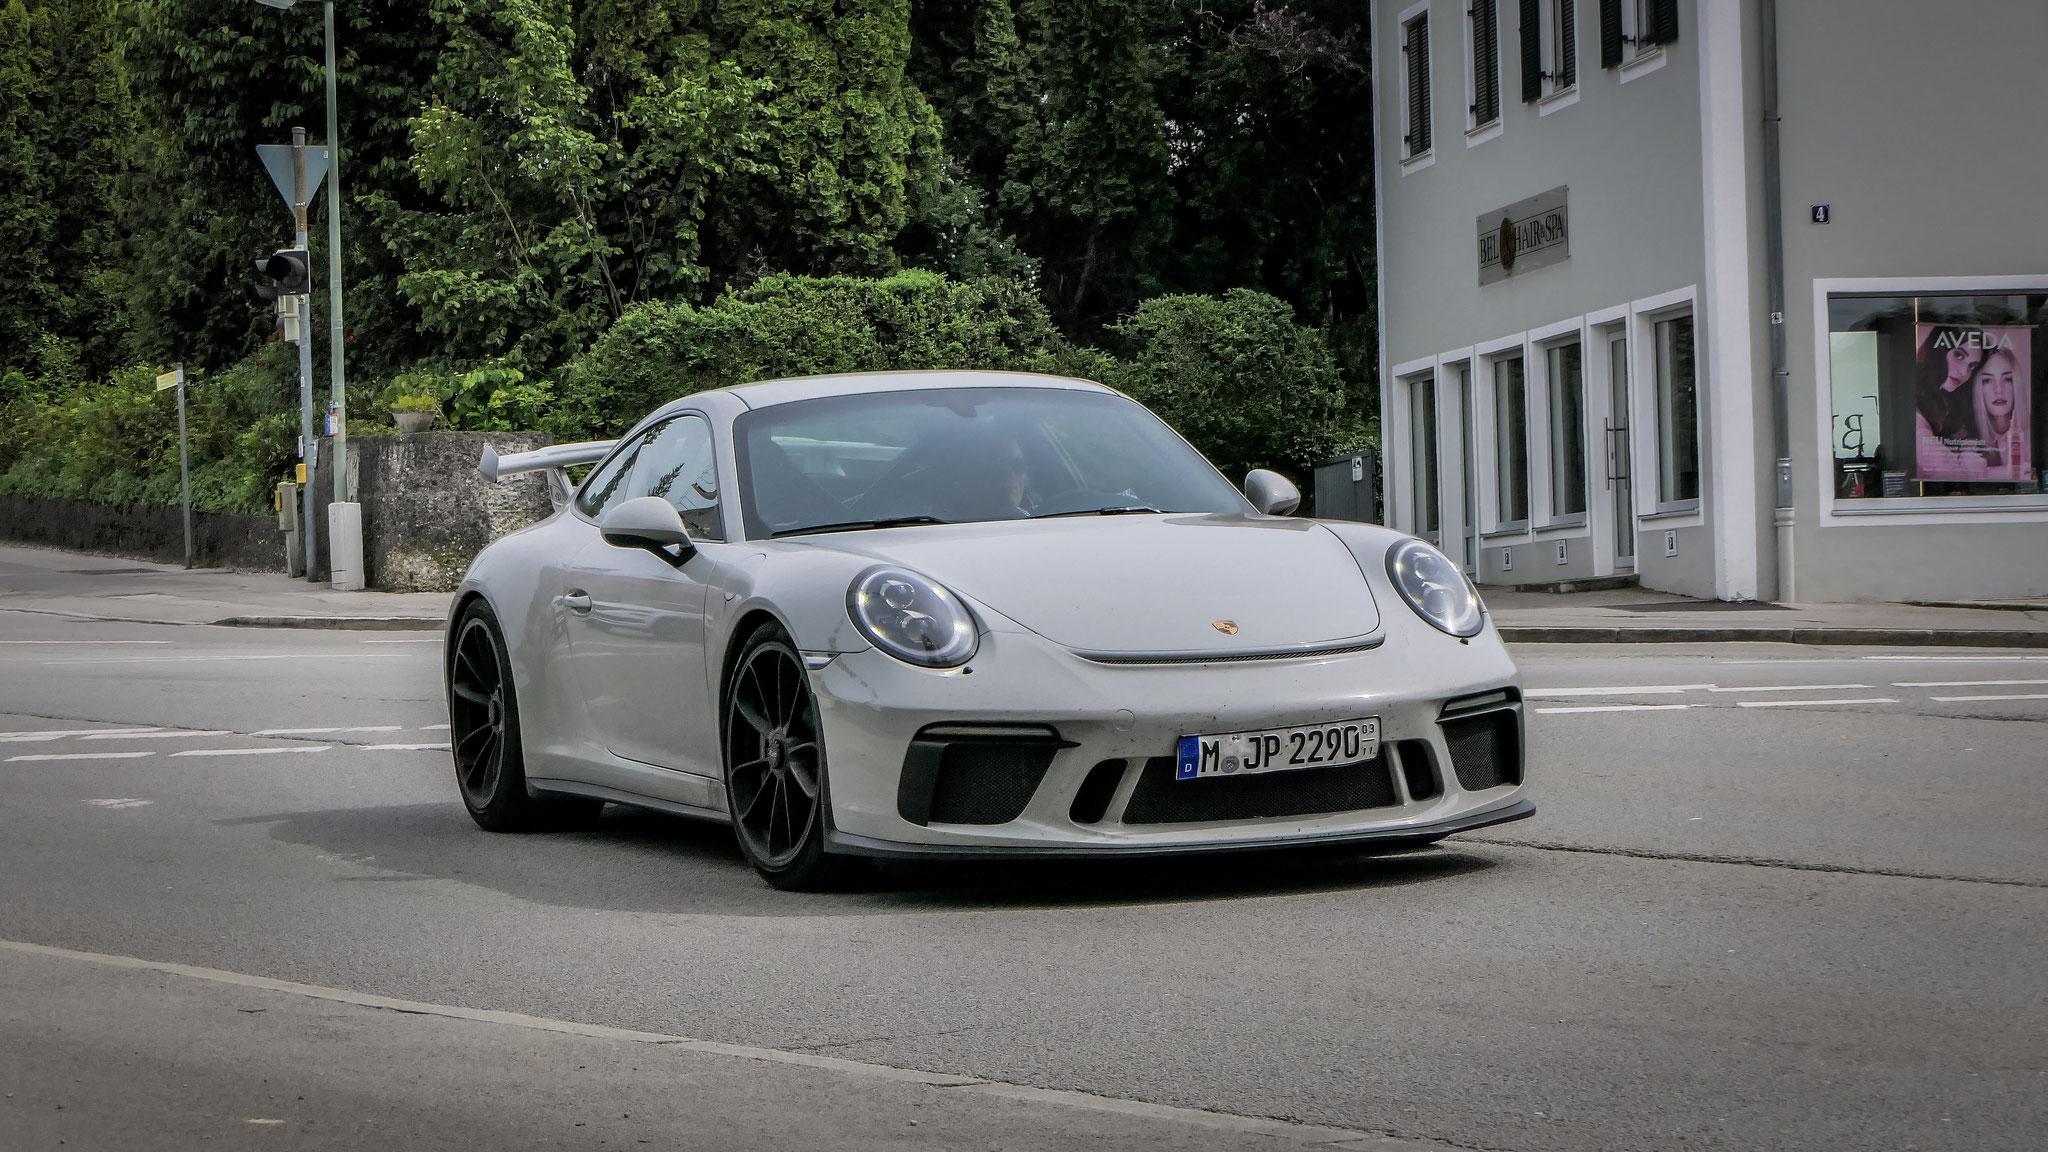 Porsche 991 GT3 - M-JP-2290